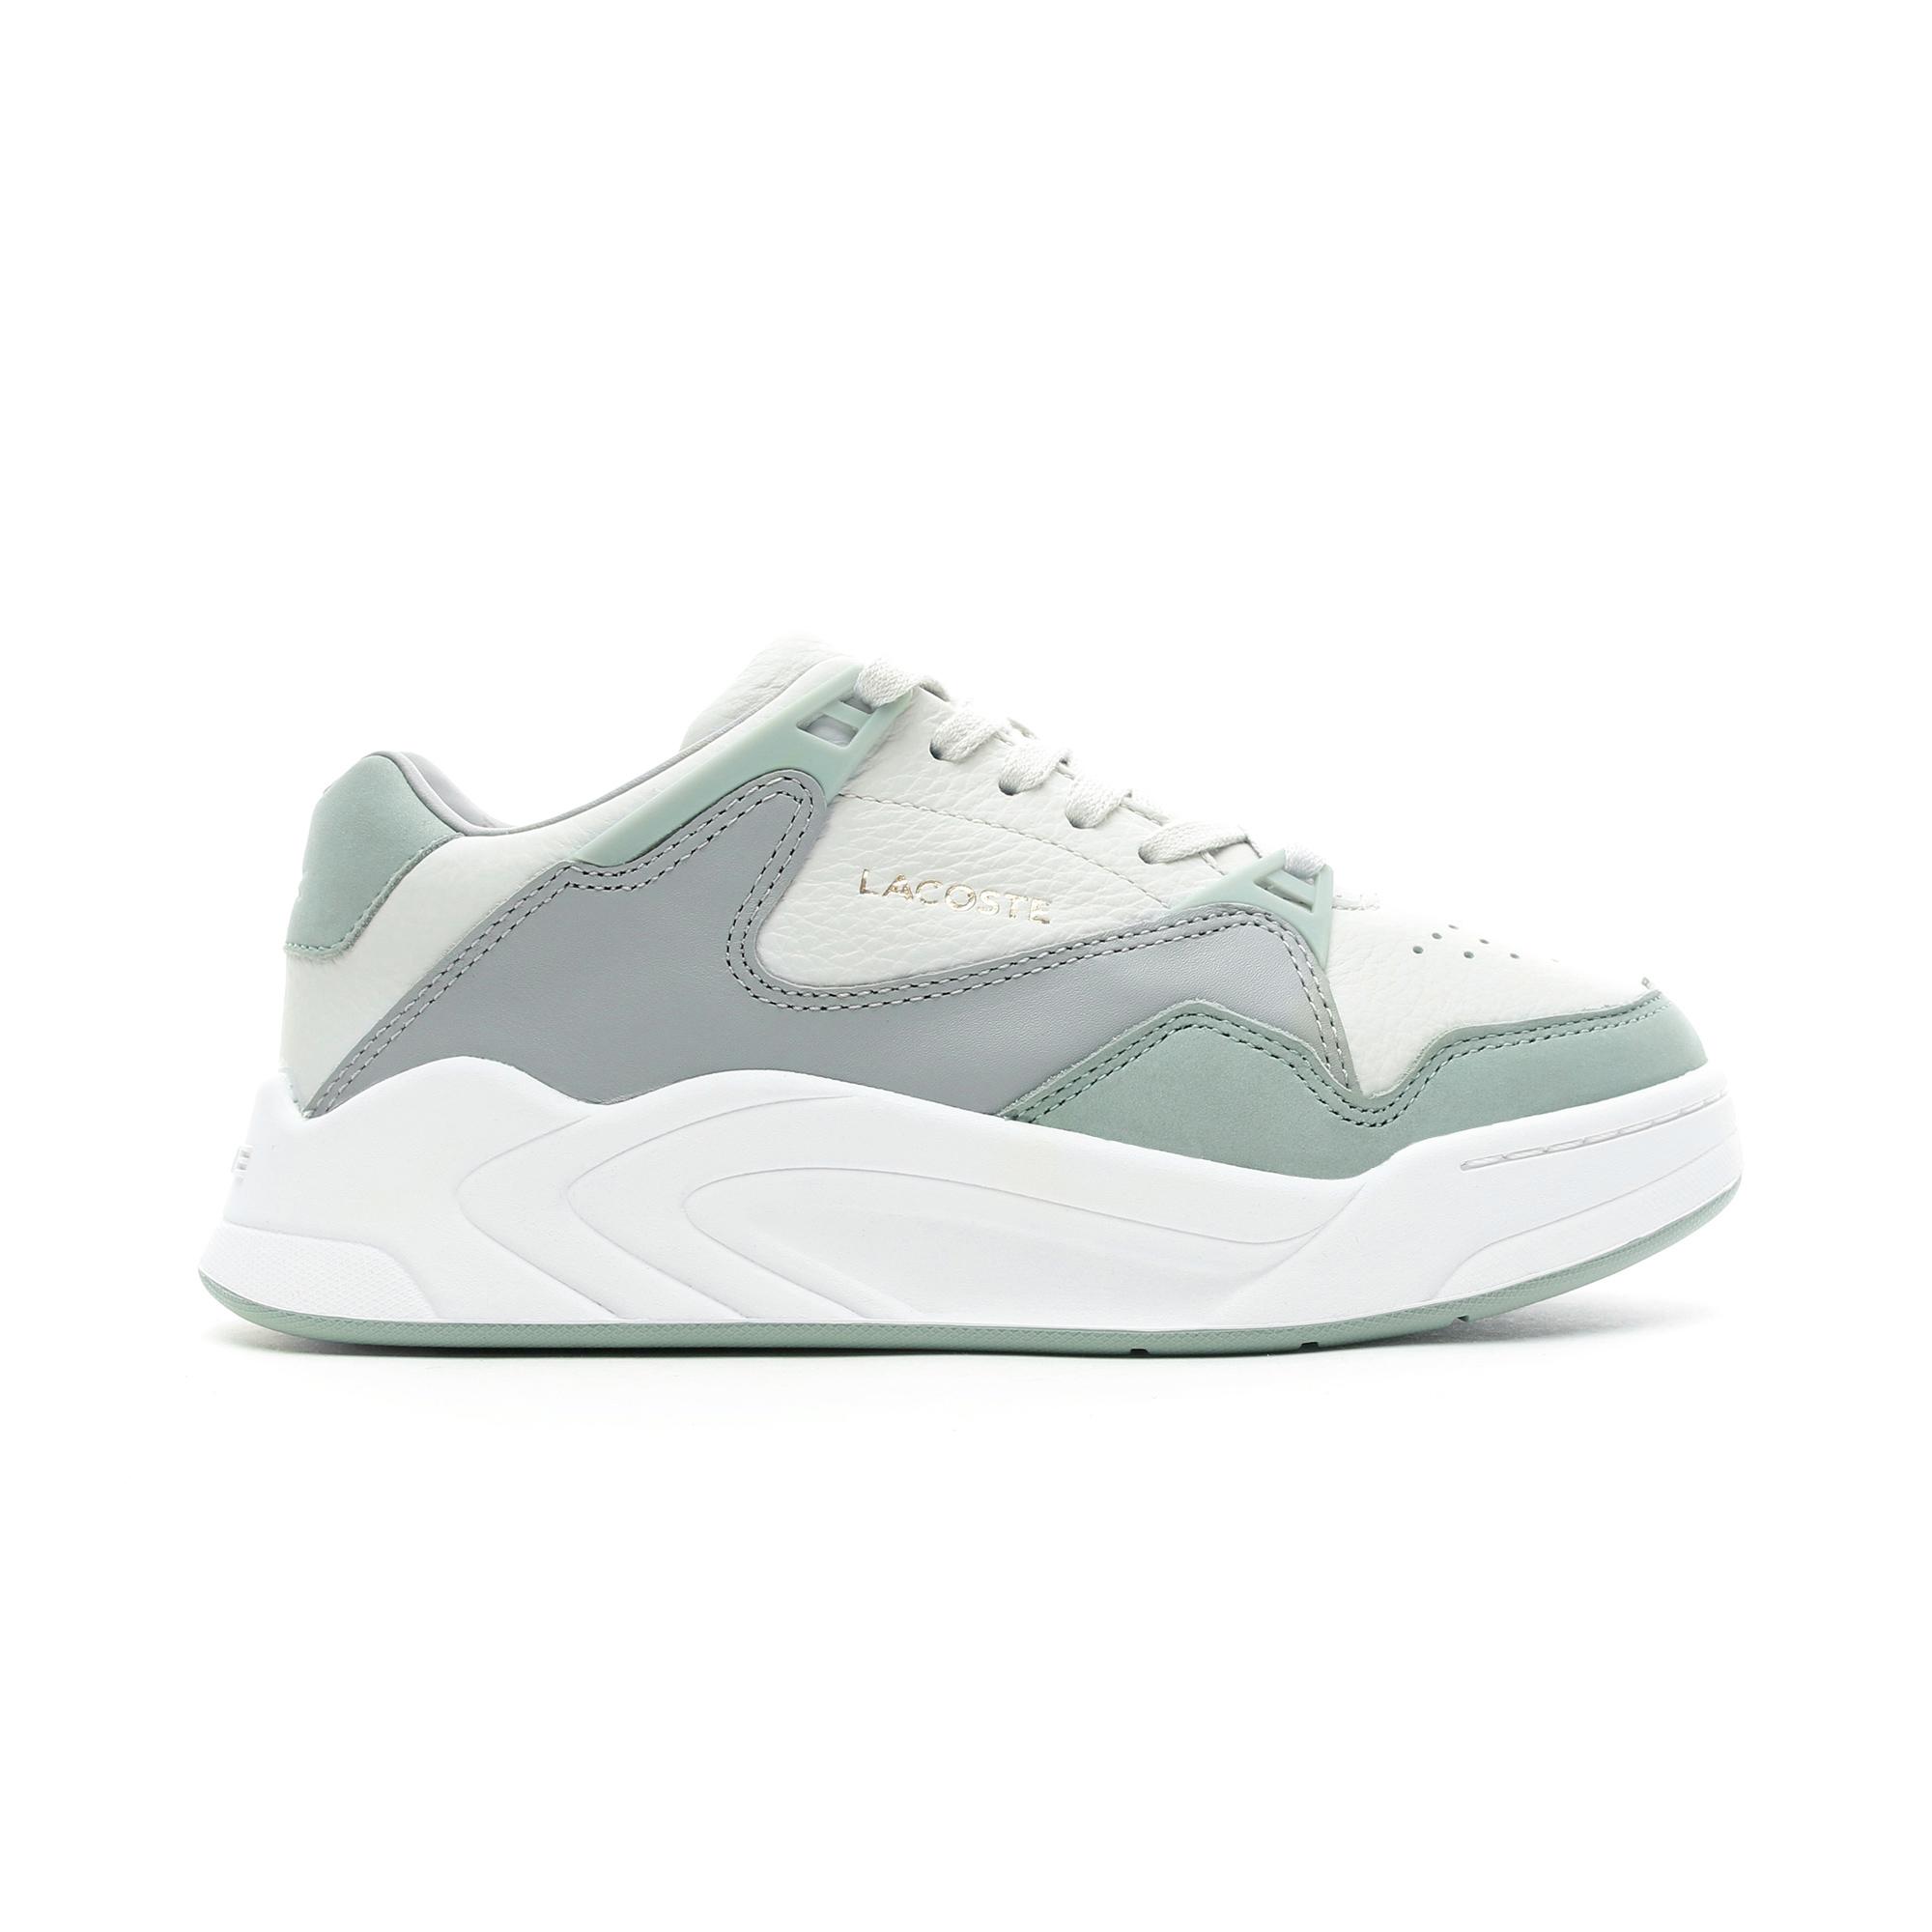 Lacoste Kadın Beyaz - Açık Yeşil Court Slam 219 1 Spor Ayakkabı